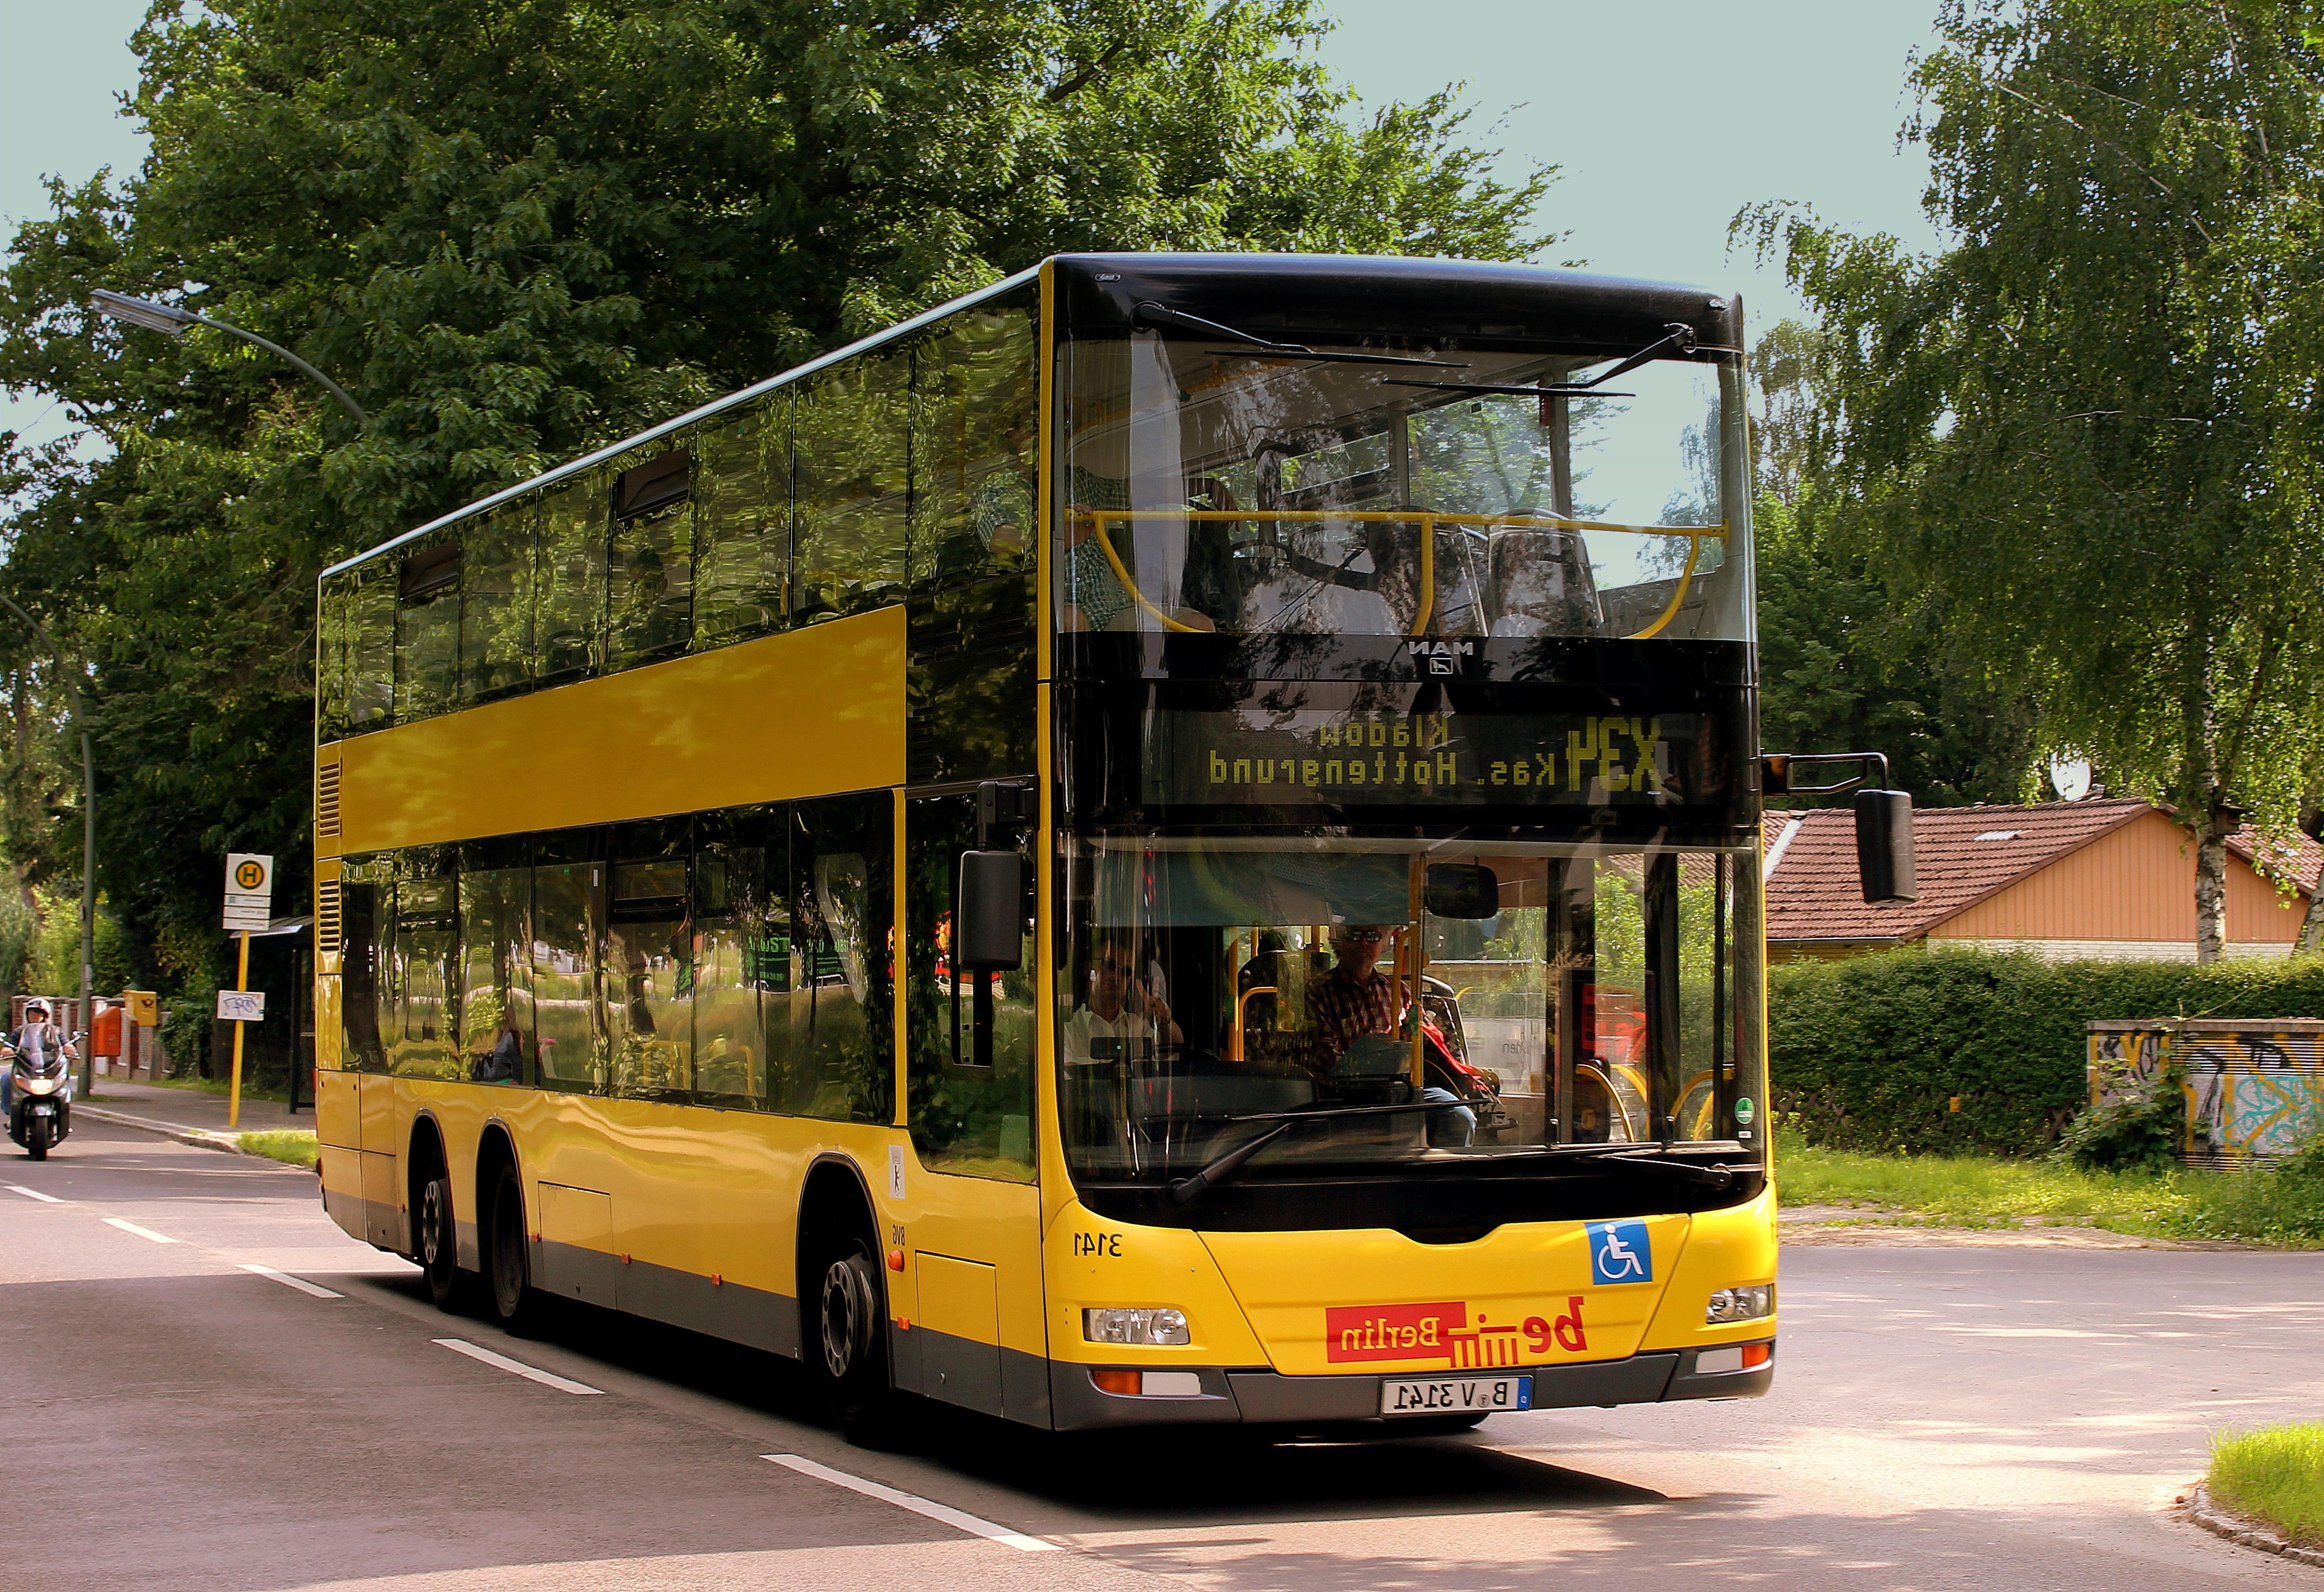 bvg bus gebraucht kaufen